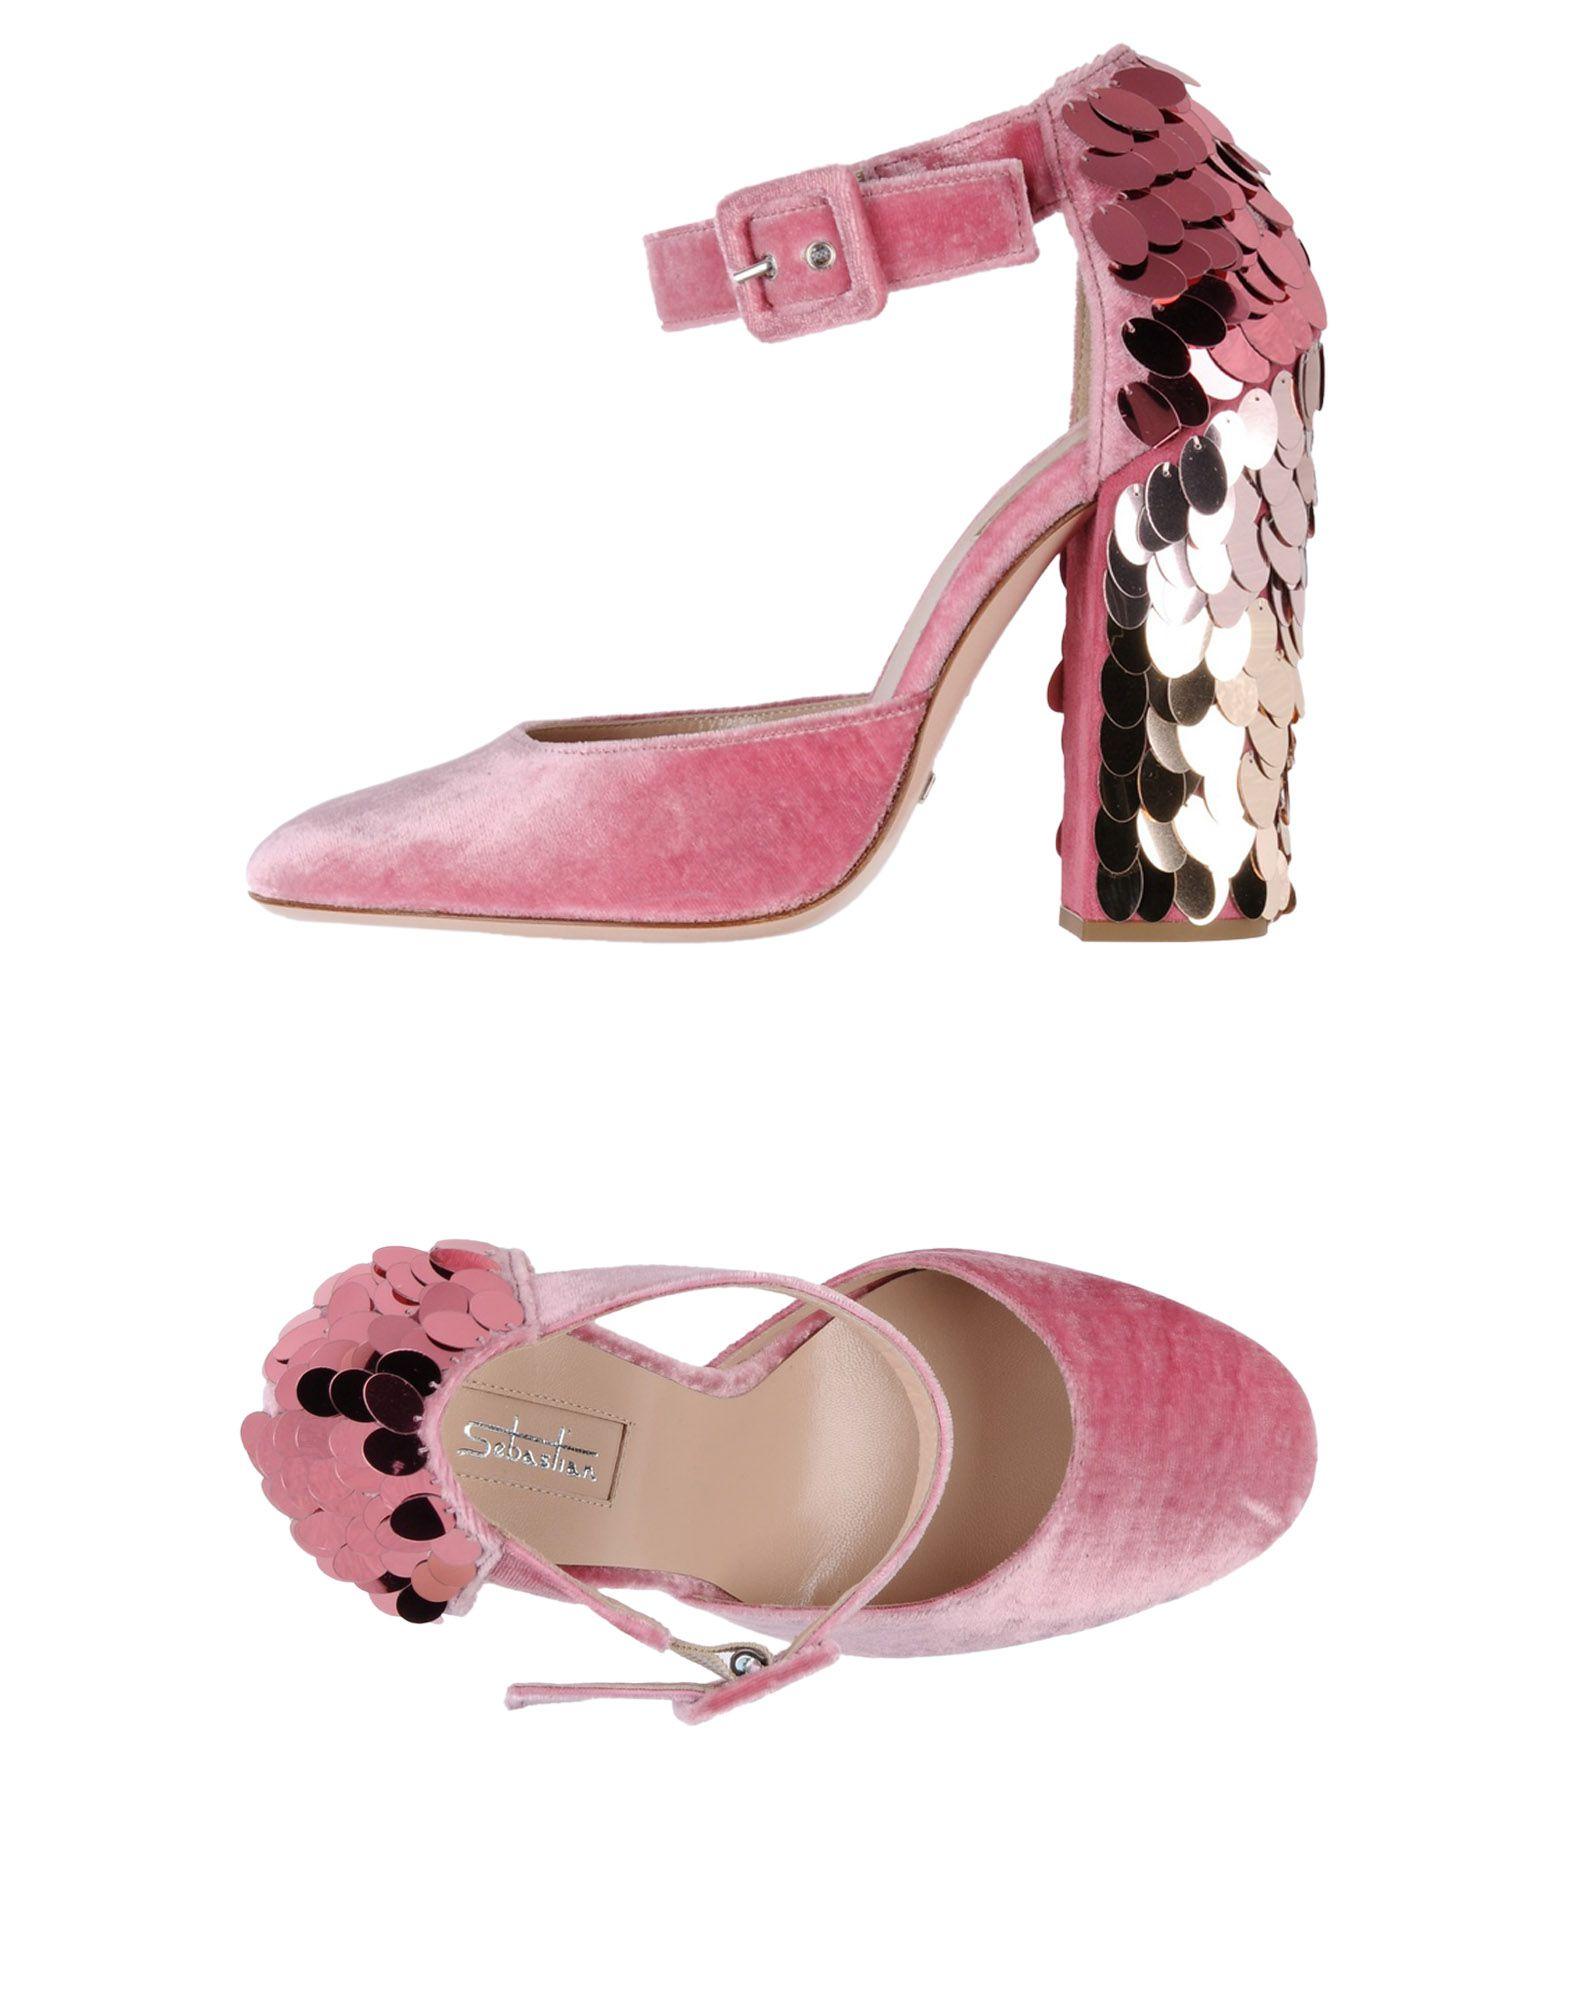 Rabatt Schuhe Sebastian Pumps  Damen  Pumps 11472529KJ 5c7a0b